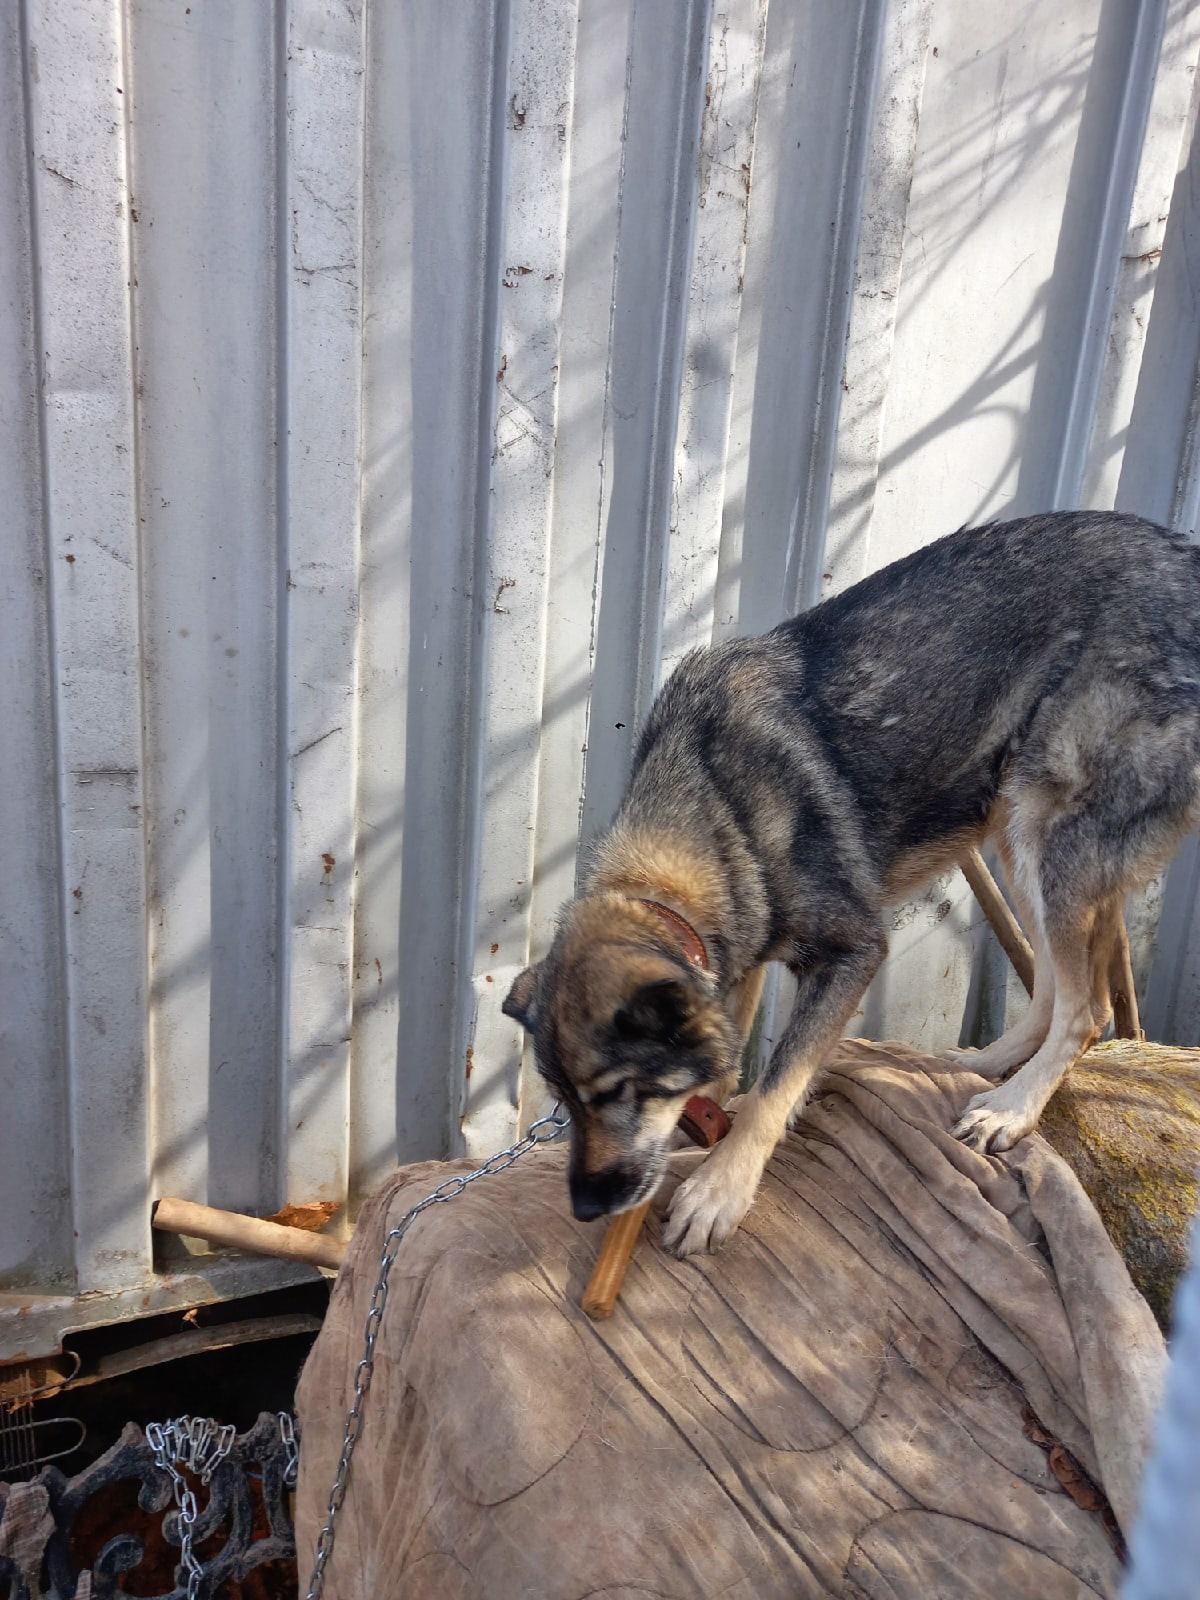 Пропала собака в районе Санэпидемстанции.Отзывается на кличку